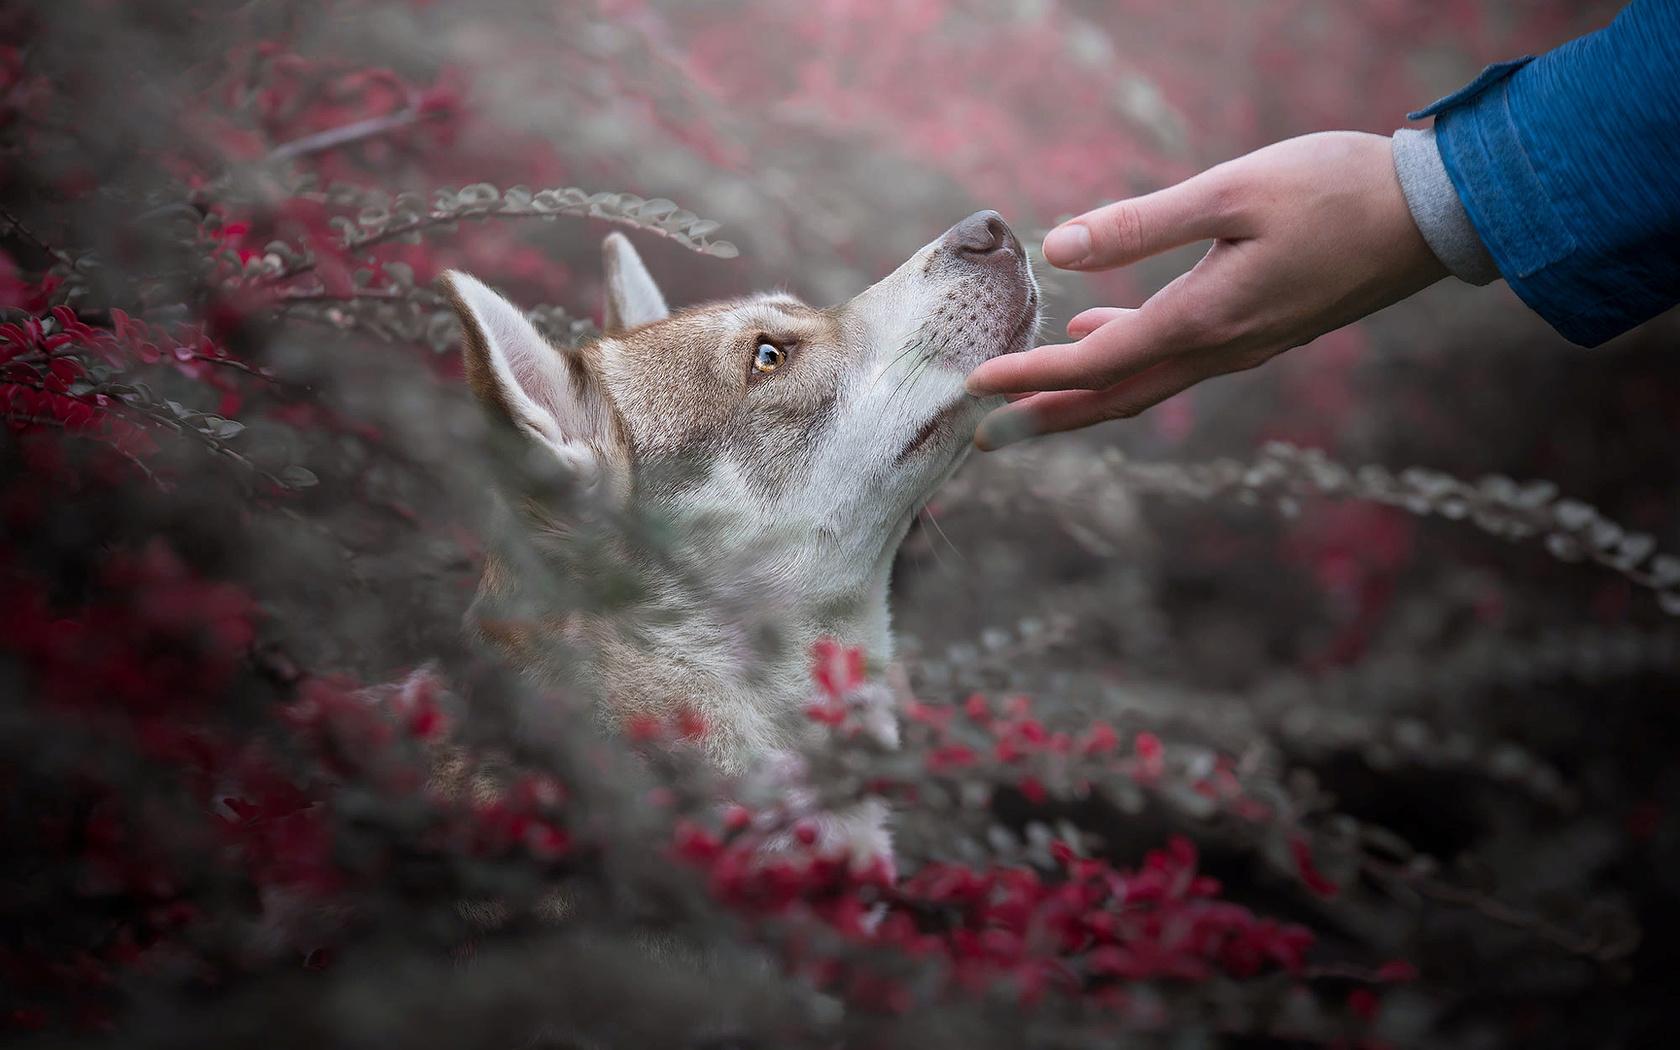 взгляд, ветки, природа, животное, рука, собака, голова, профиль, хаски, пёс